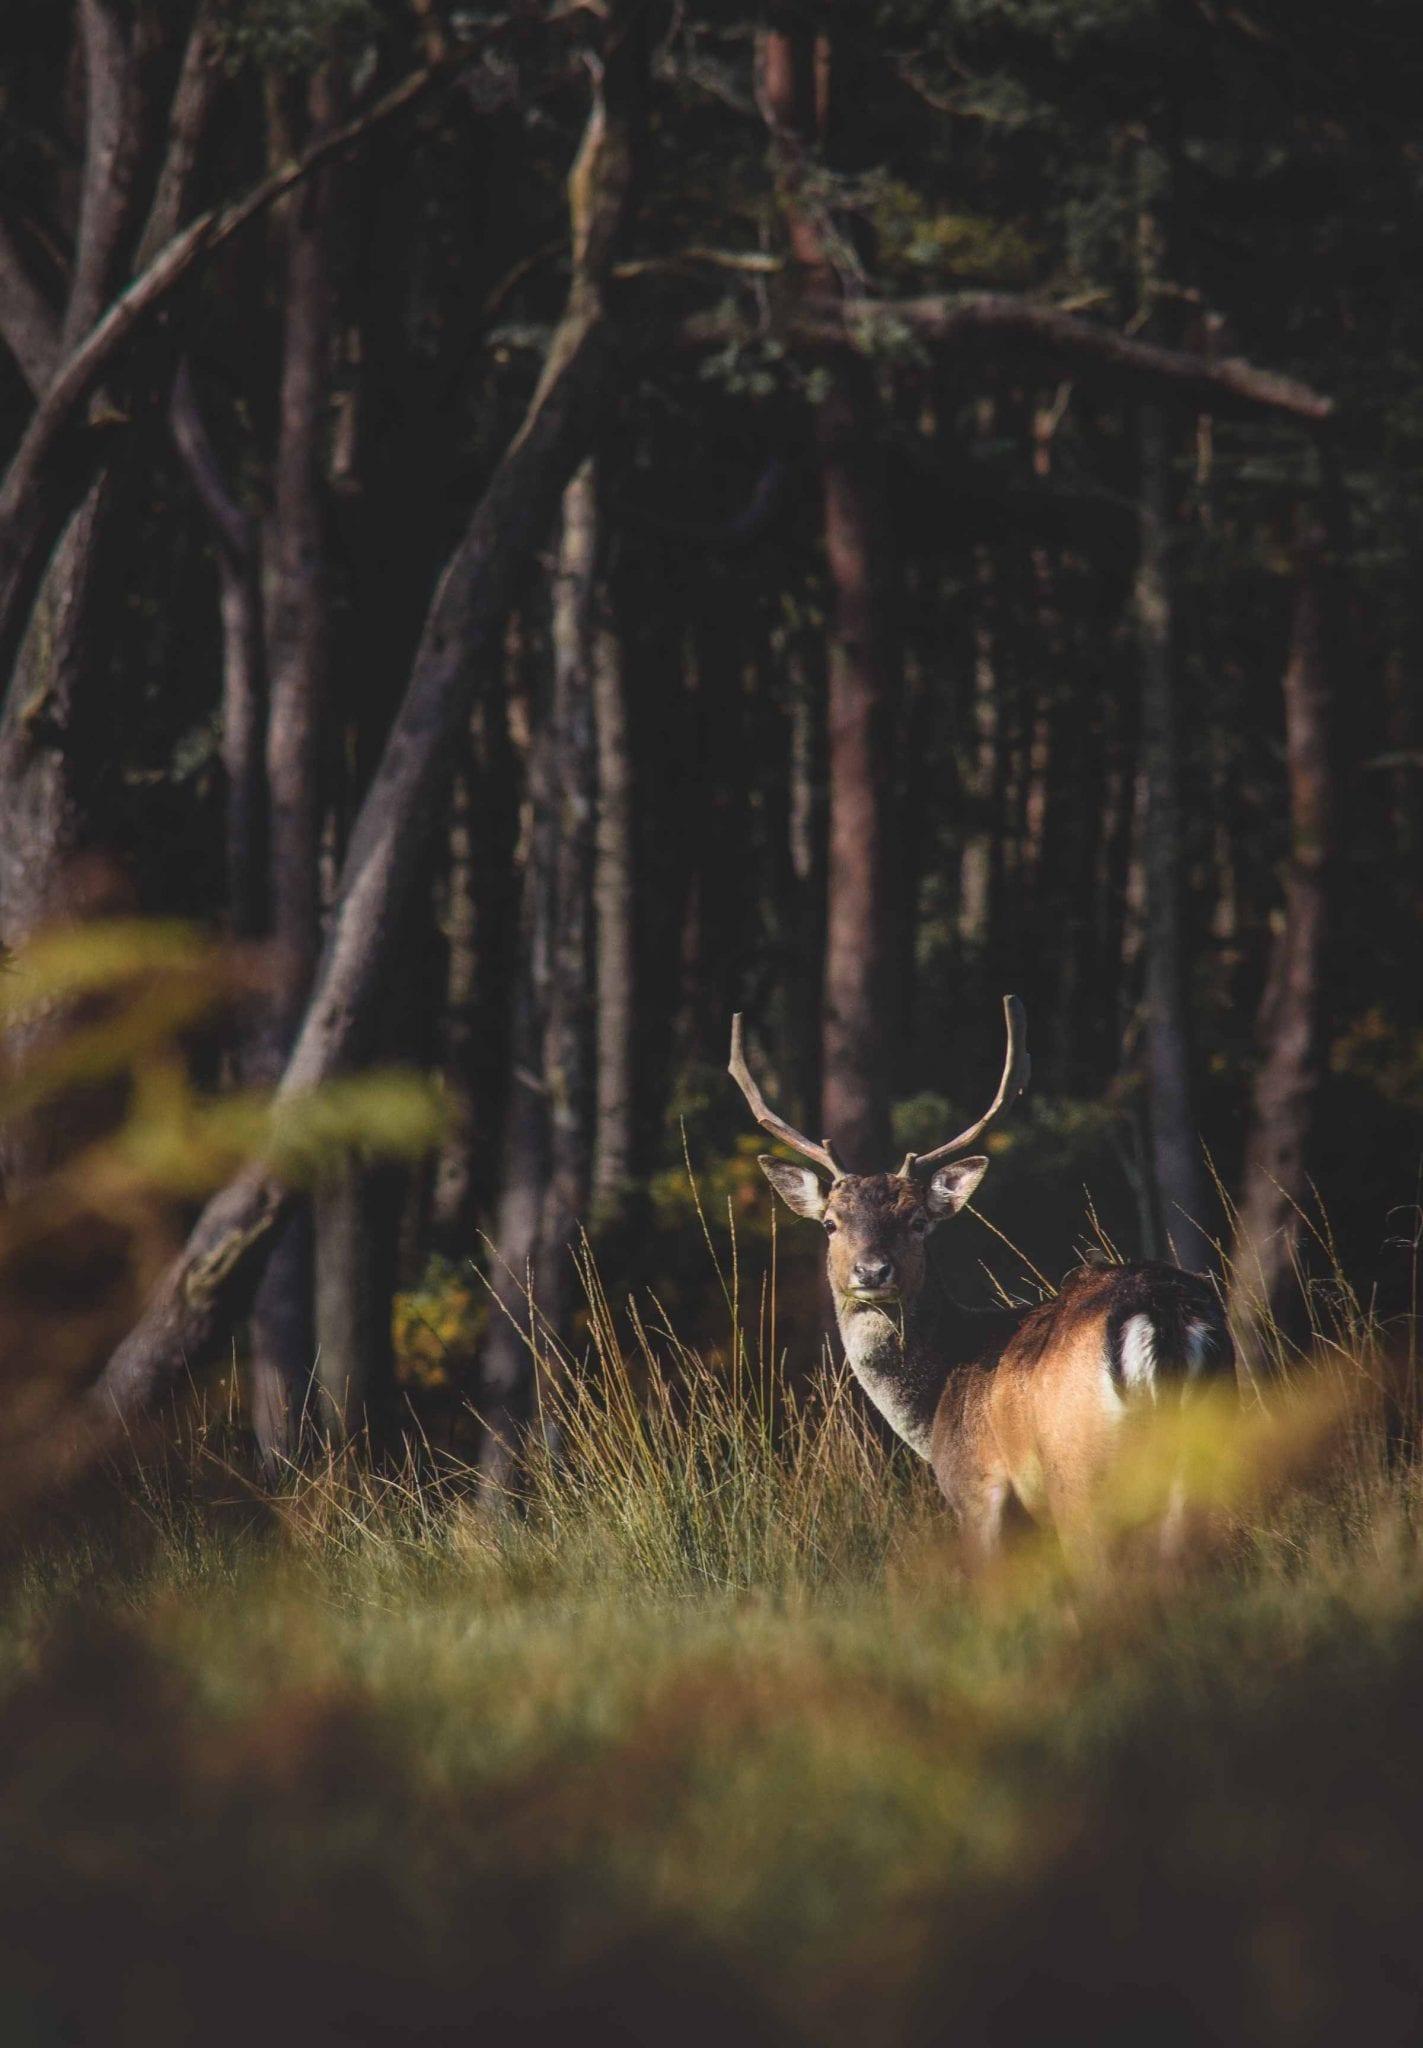 wildlife and wildlands